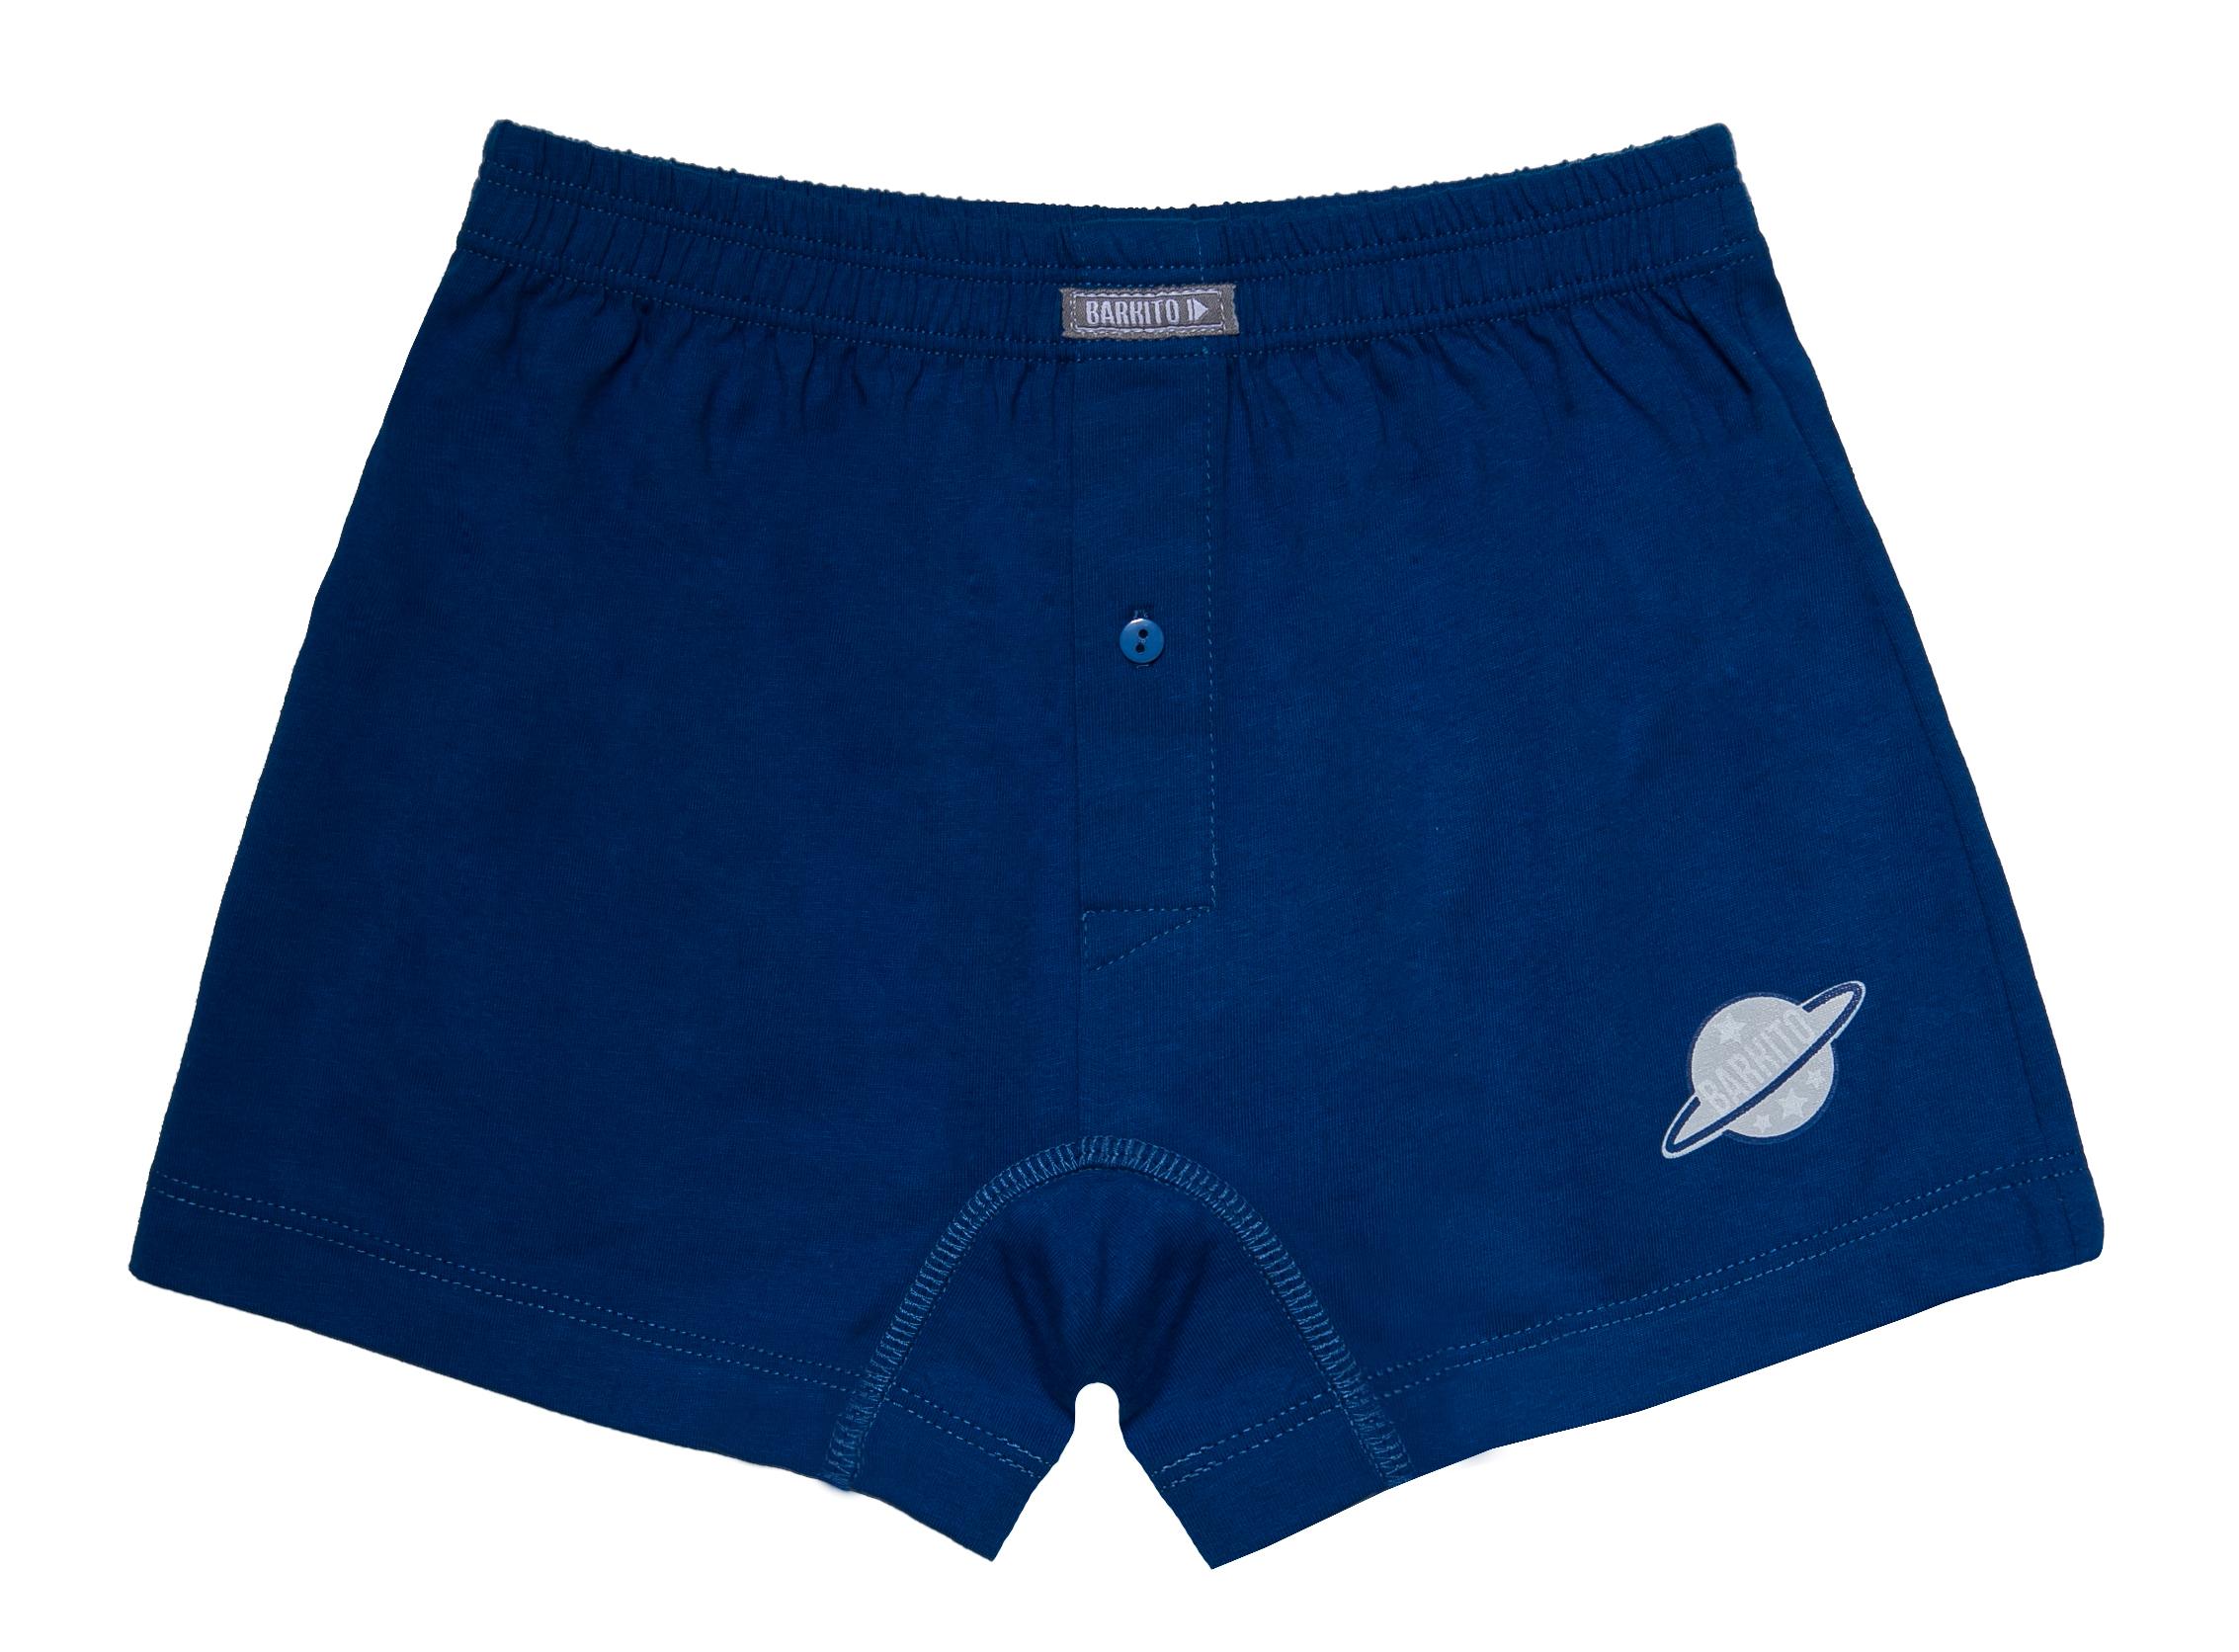 Купить Трусы для мальчика, 2 шт., Barkito, синие, темно-синие, Россия, blue, Мужской